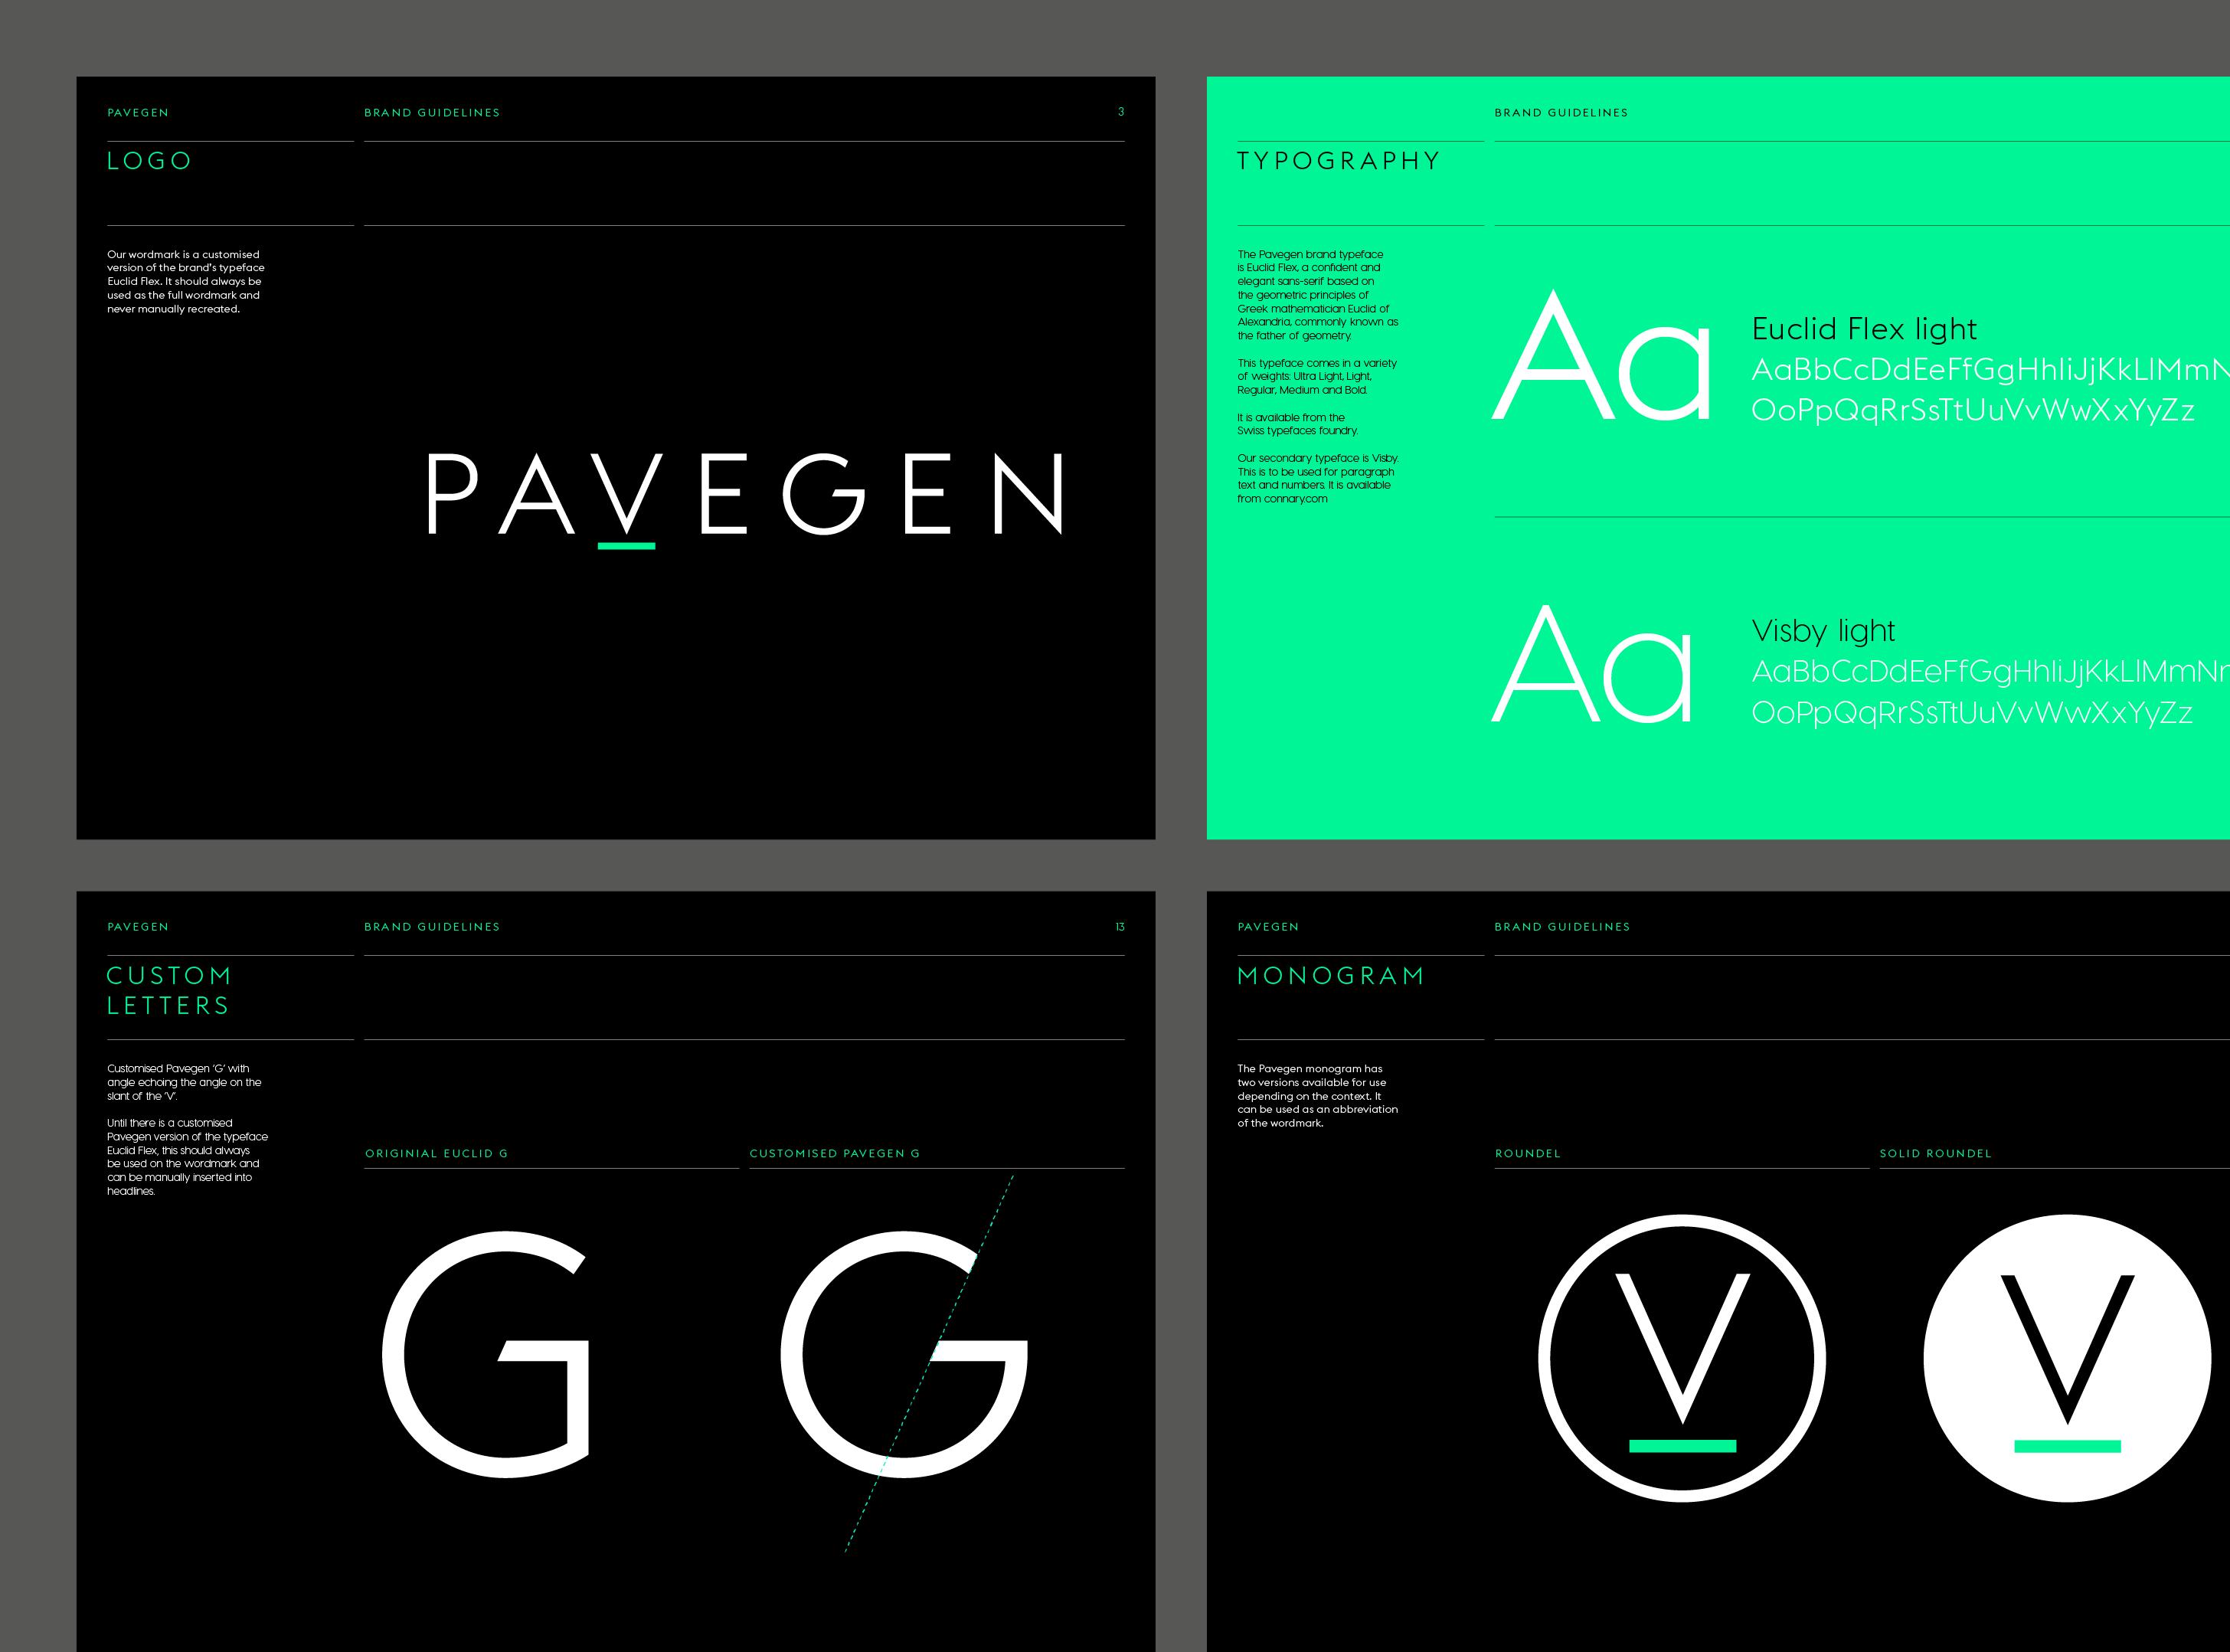 pavegen brand guidelines design 2